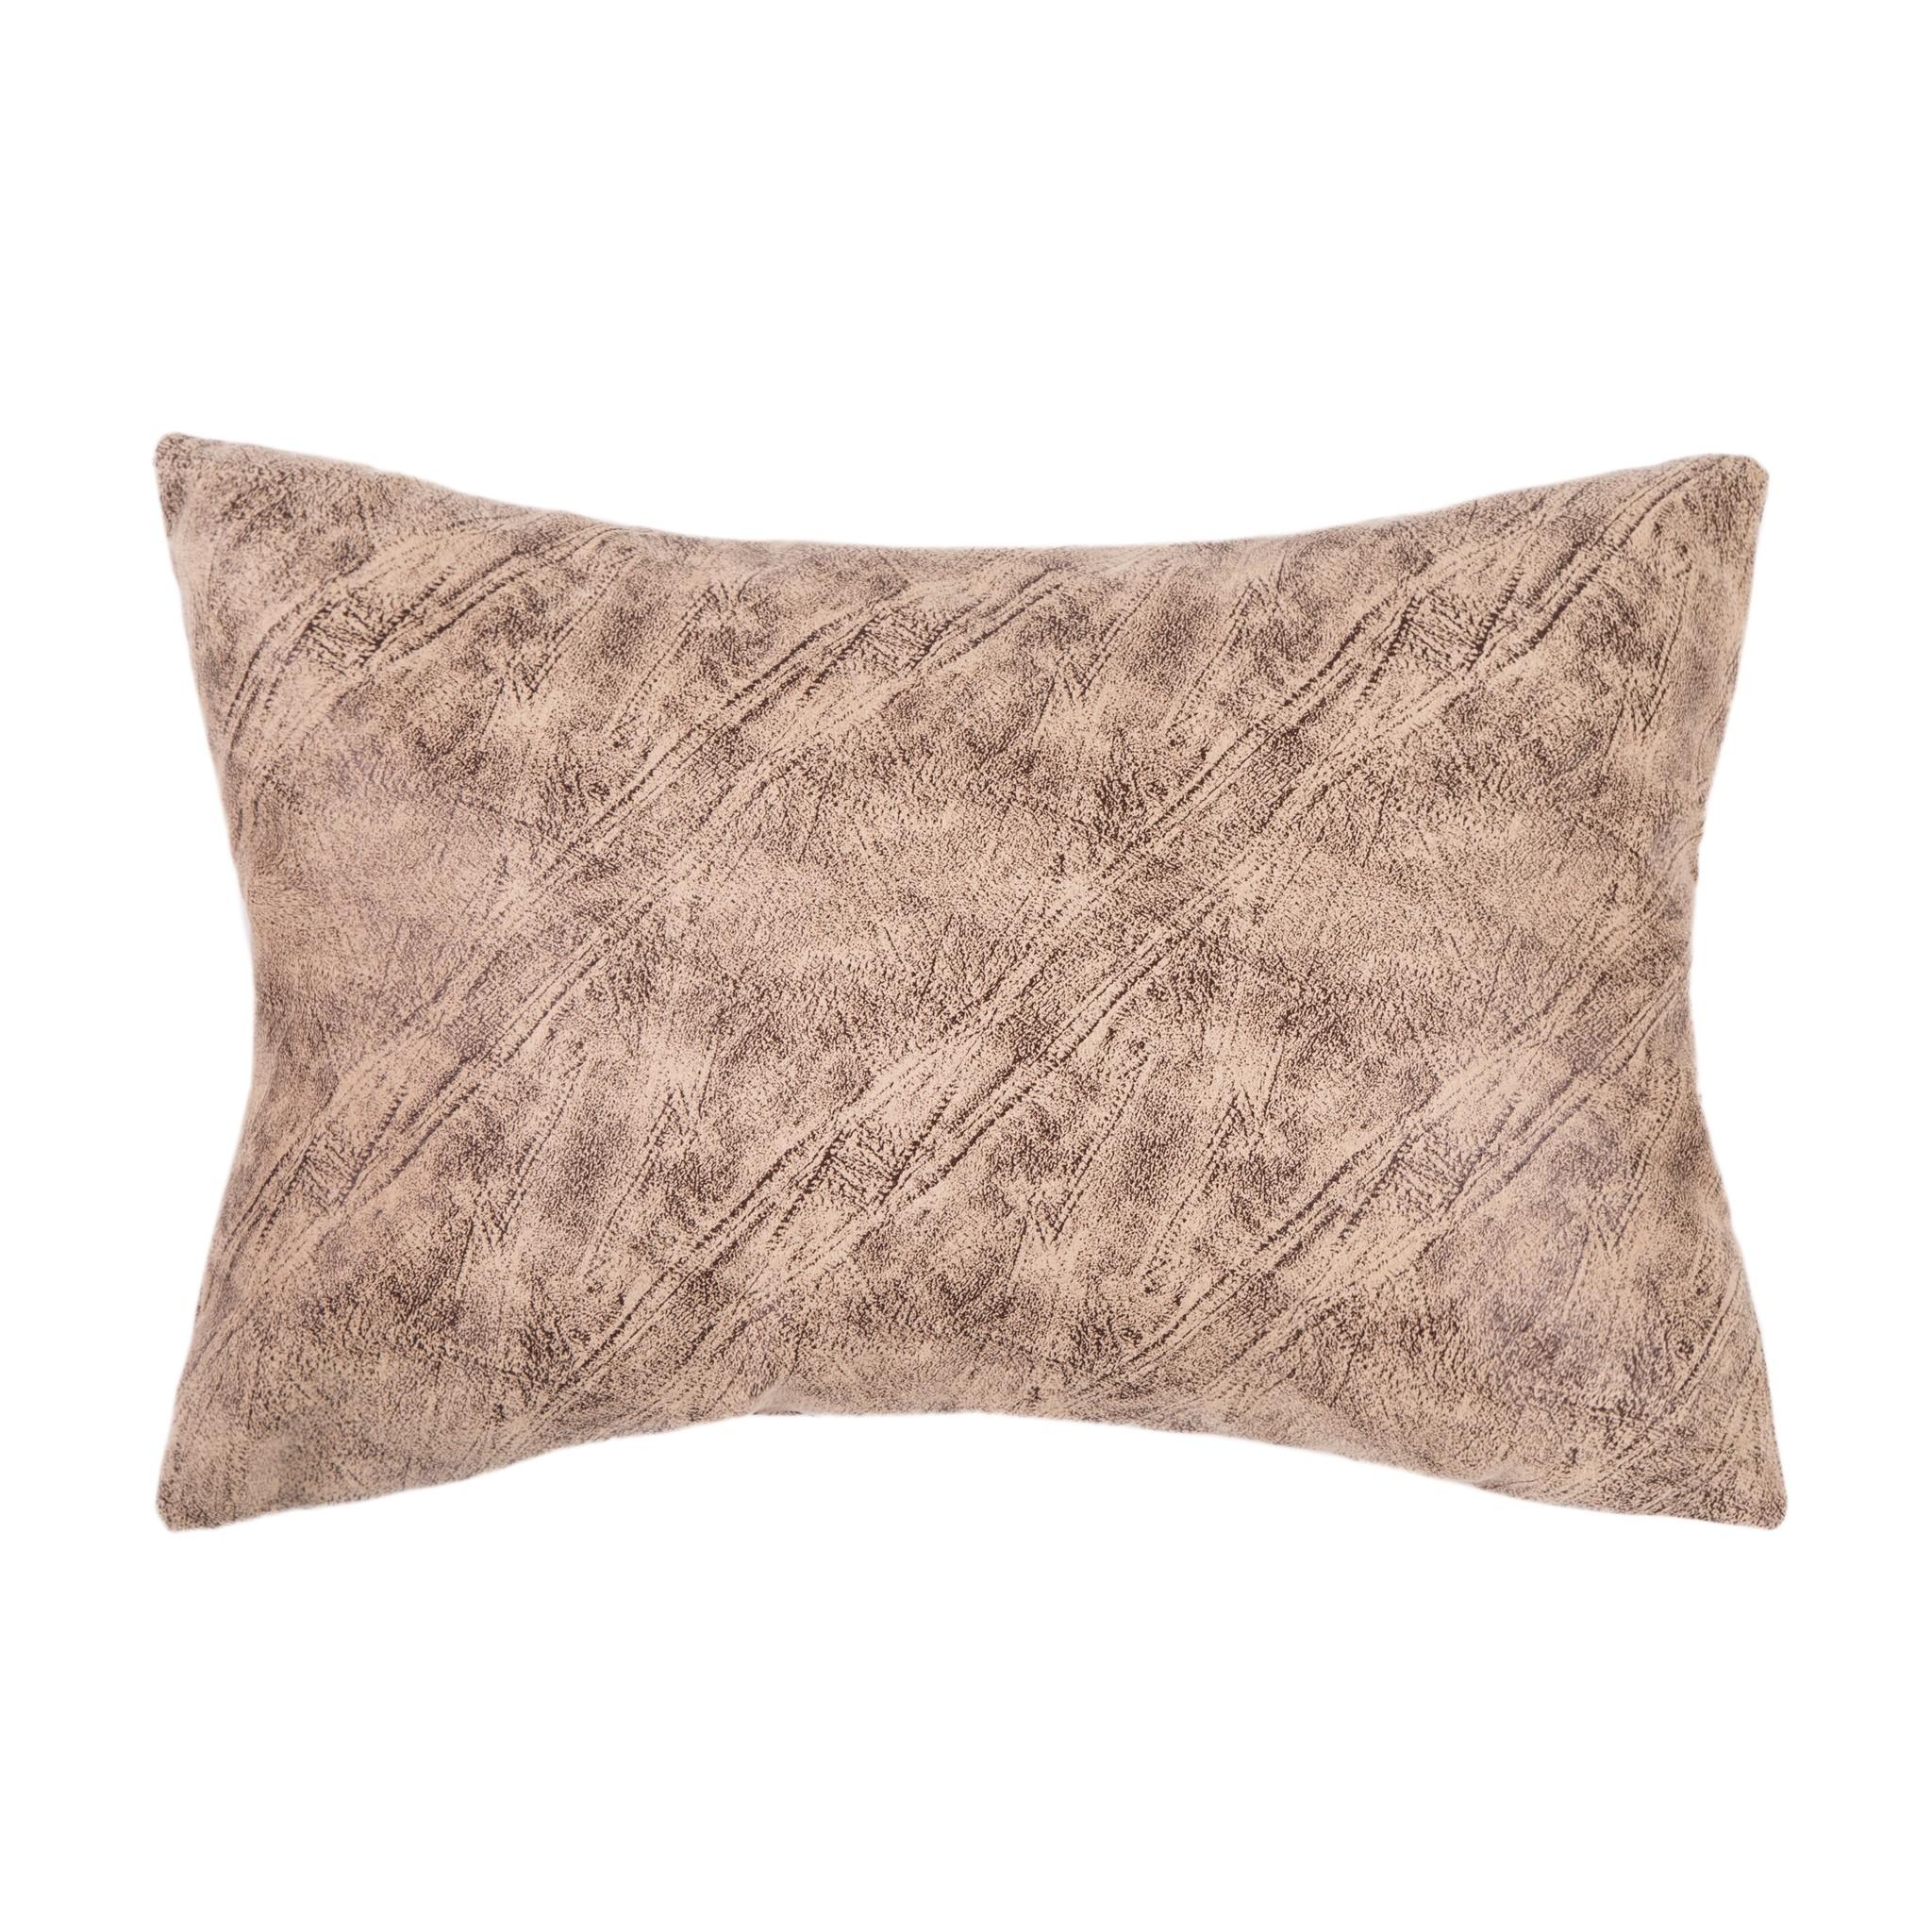 Подушка Вечерняя ВенецияПрямоугольные подушки и наволочки<br>Декоративная подушка &amp;quot;Вечерняя Венеция&amp;quot; станет ярким акцентом в вашем интерьере. Высококачественный материал приятен для кожи и безопасен даже для самой чувствительной кожи.  Оригинальный дизайнерский принт сделает пространство стильным и своеобразным.<br><br>Material: Текстиль<br>Ширина см: 50<br>Высота см: 40<br>Глубина см: 10